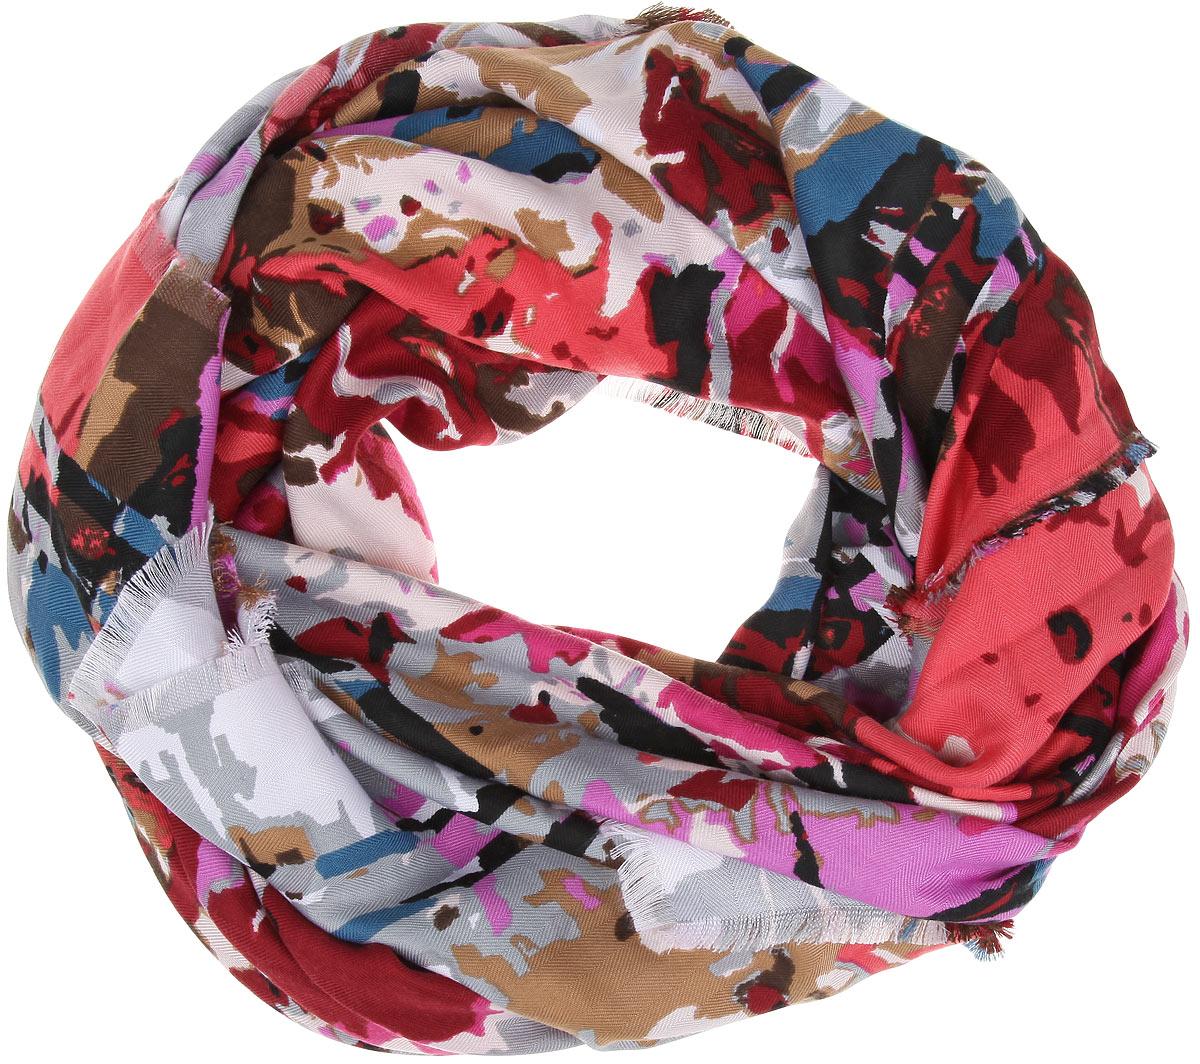 Платок женский Sophie Ramage, цвет: фиолетовый. BH-11527-5. Размер 130 см x 130 смBH-11527-5Платок Sophie Ramage, выполненный из модала с добавлением кашемира, идеально дополнит образ современной женщины. Благодаря своему составу, он удивительно мягкий и очень приятный на ощупь. Модель оформлена ярким принтом, а по краям декорирована бахромой. Классическая квадратная форма позволяет носить платок на шее, украшать им прическу или декорировать сумочку. С этим платком вы всегда будете выглядеть женственной и привлекательной.